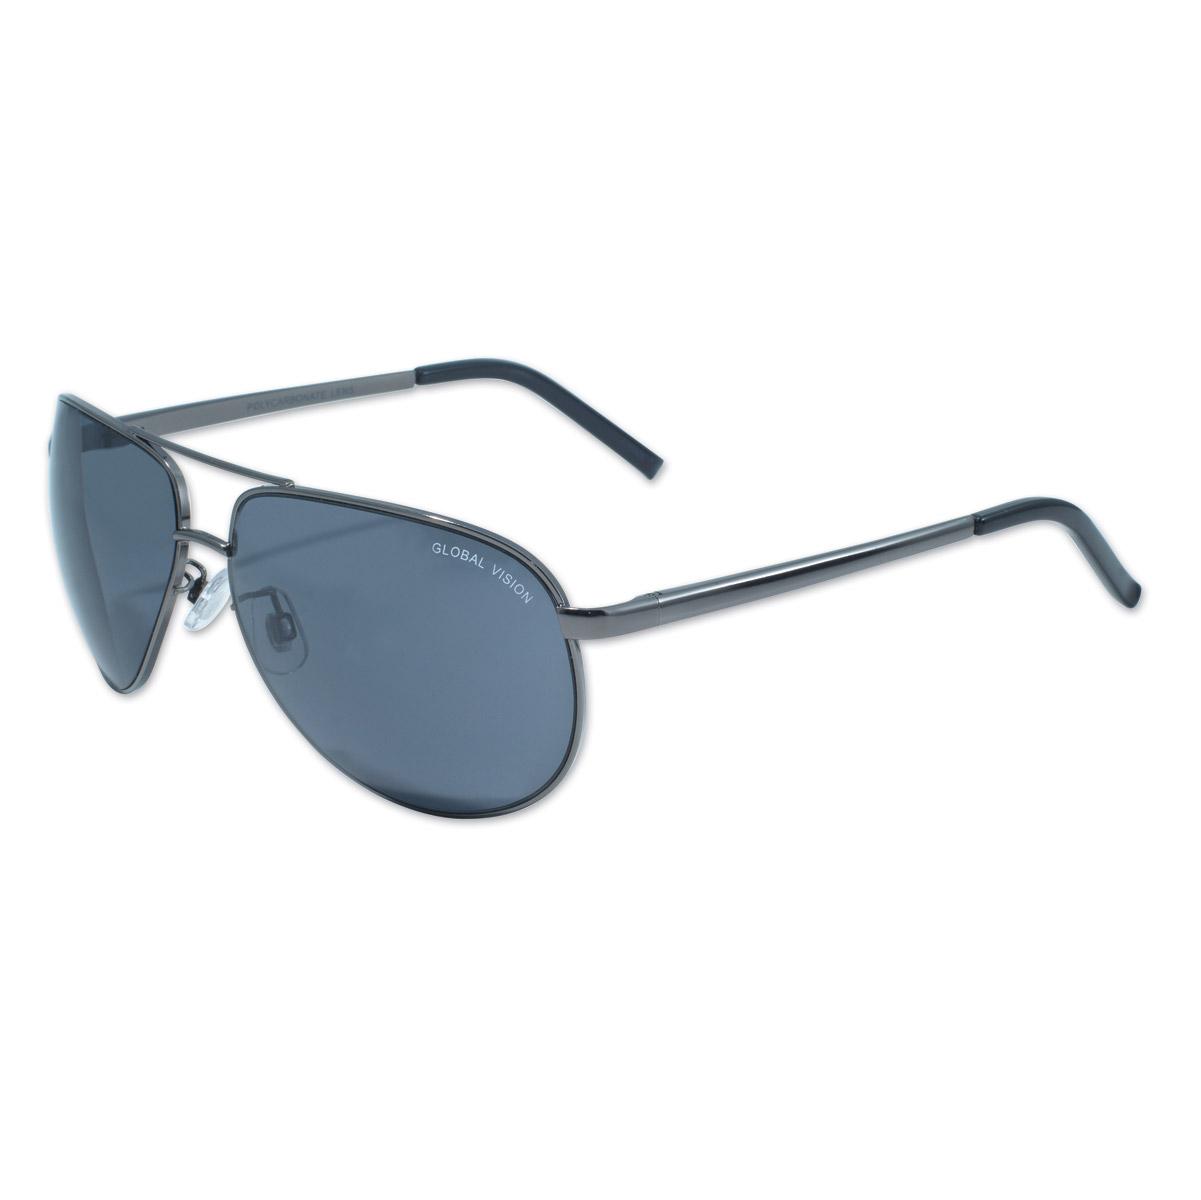 global vision eyewear aviator 4 gun metal frame w smoke